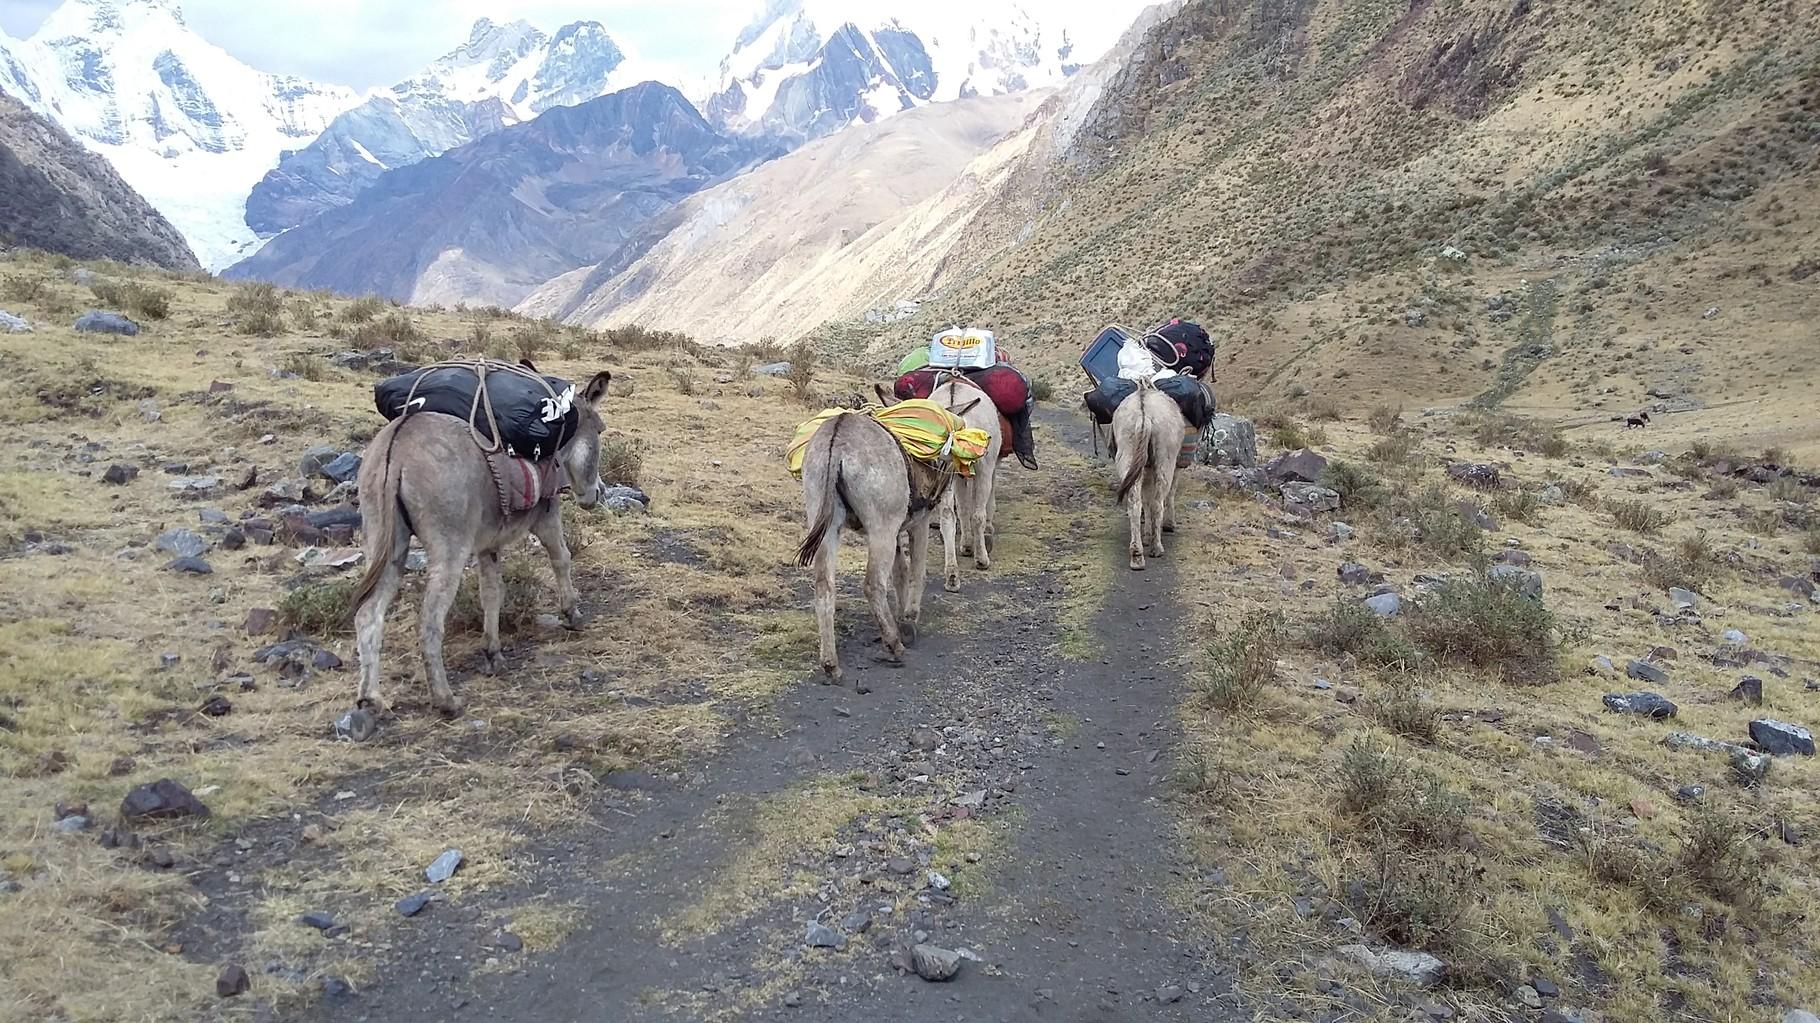 Die Esel wussten genau wo sie durch mussten, das war faszinierend